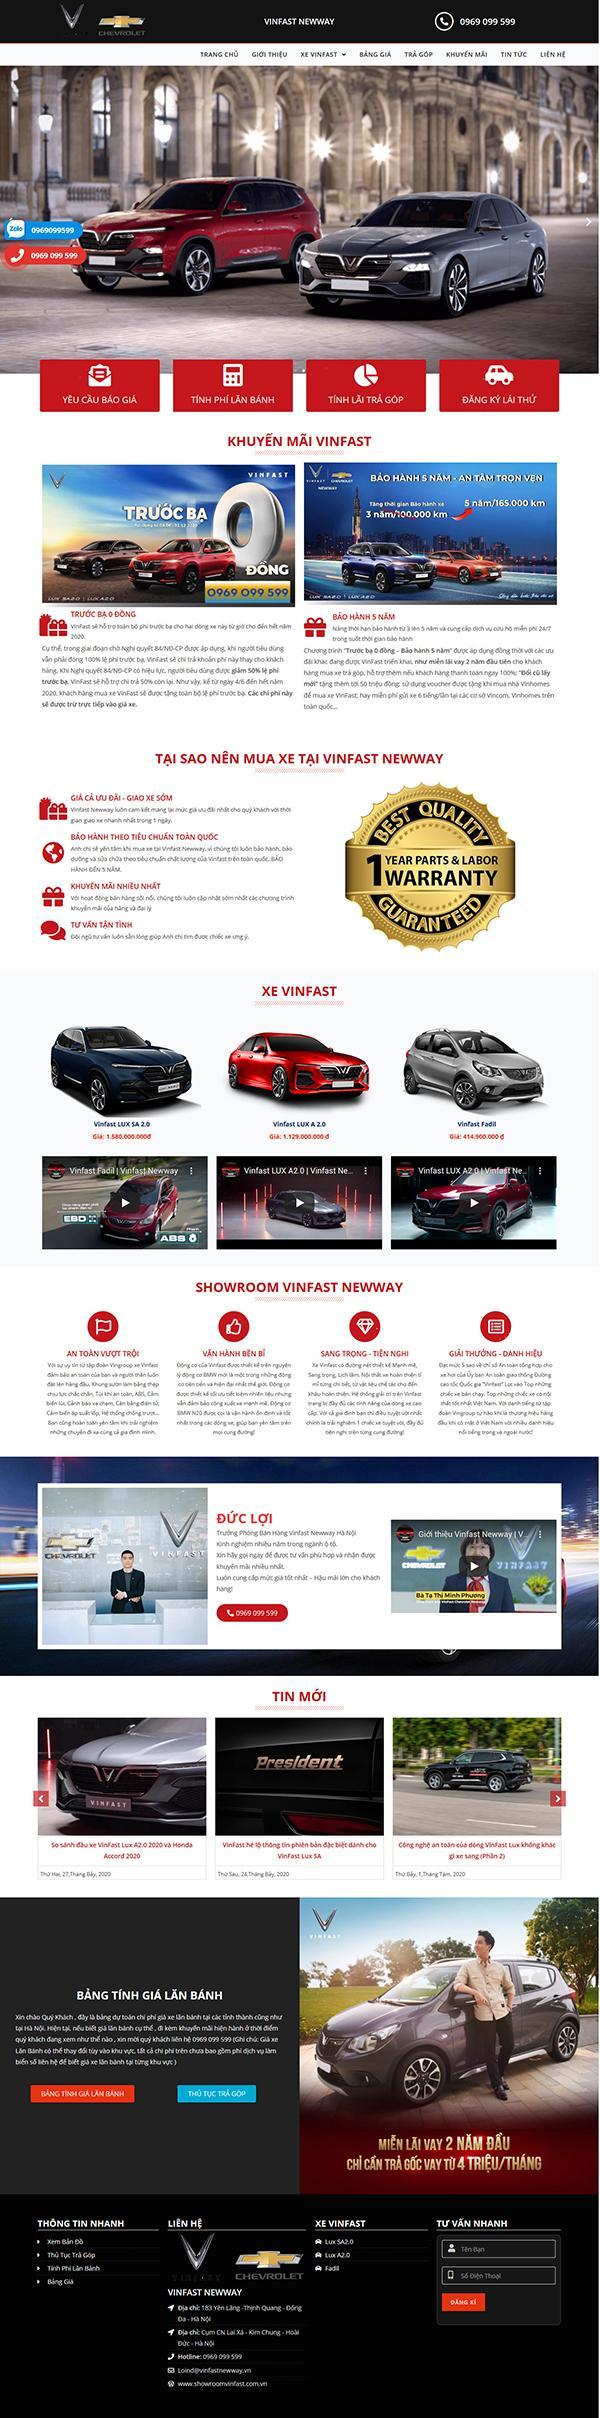 Các Mẫu Website Bán Ô Tô Vinfast 3